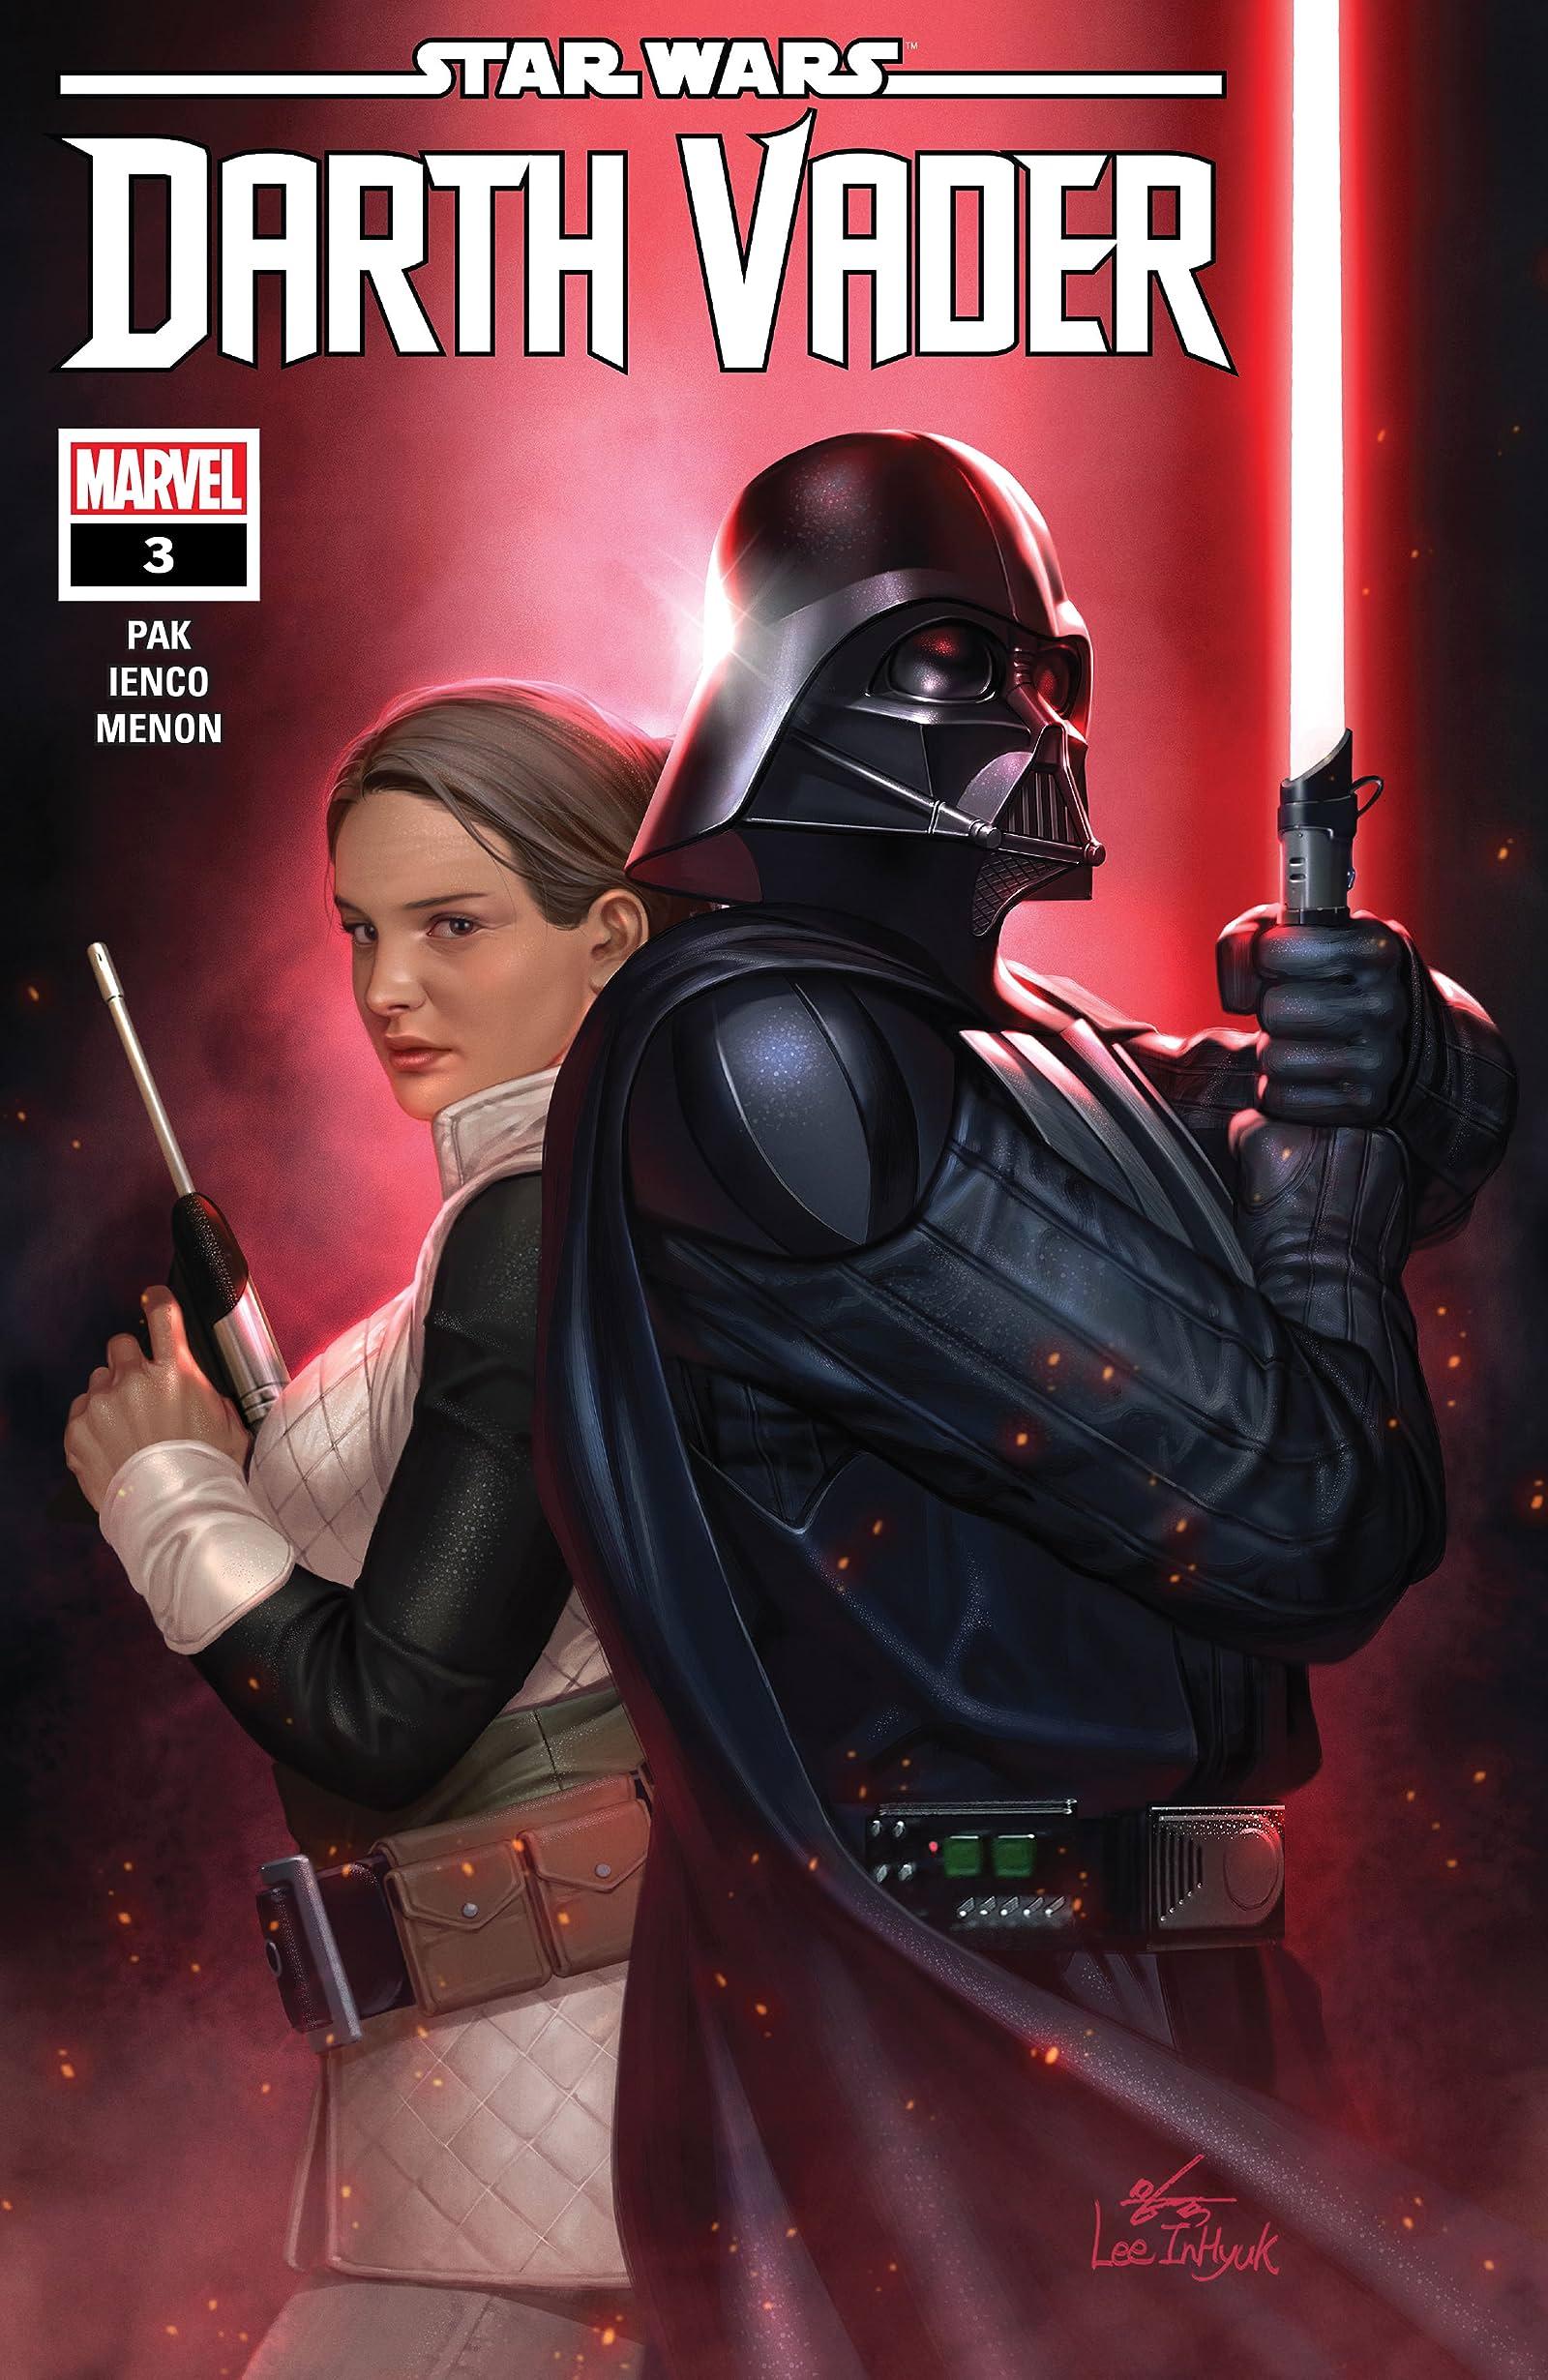 Star Wars Darth Vader 2020 3 Comics By Comixology